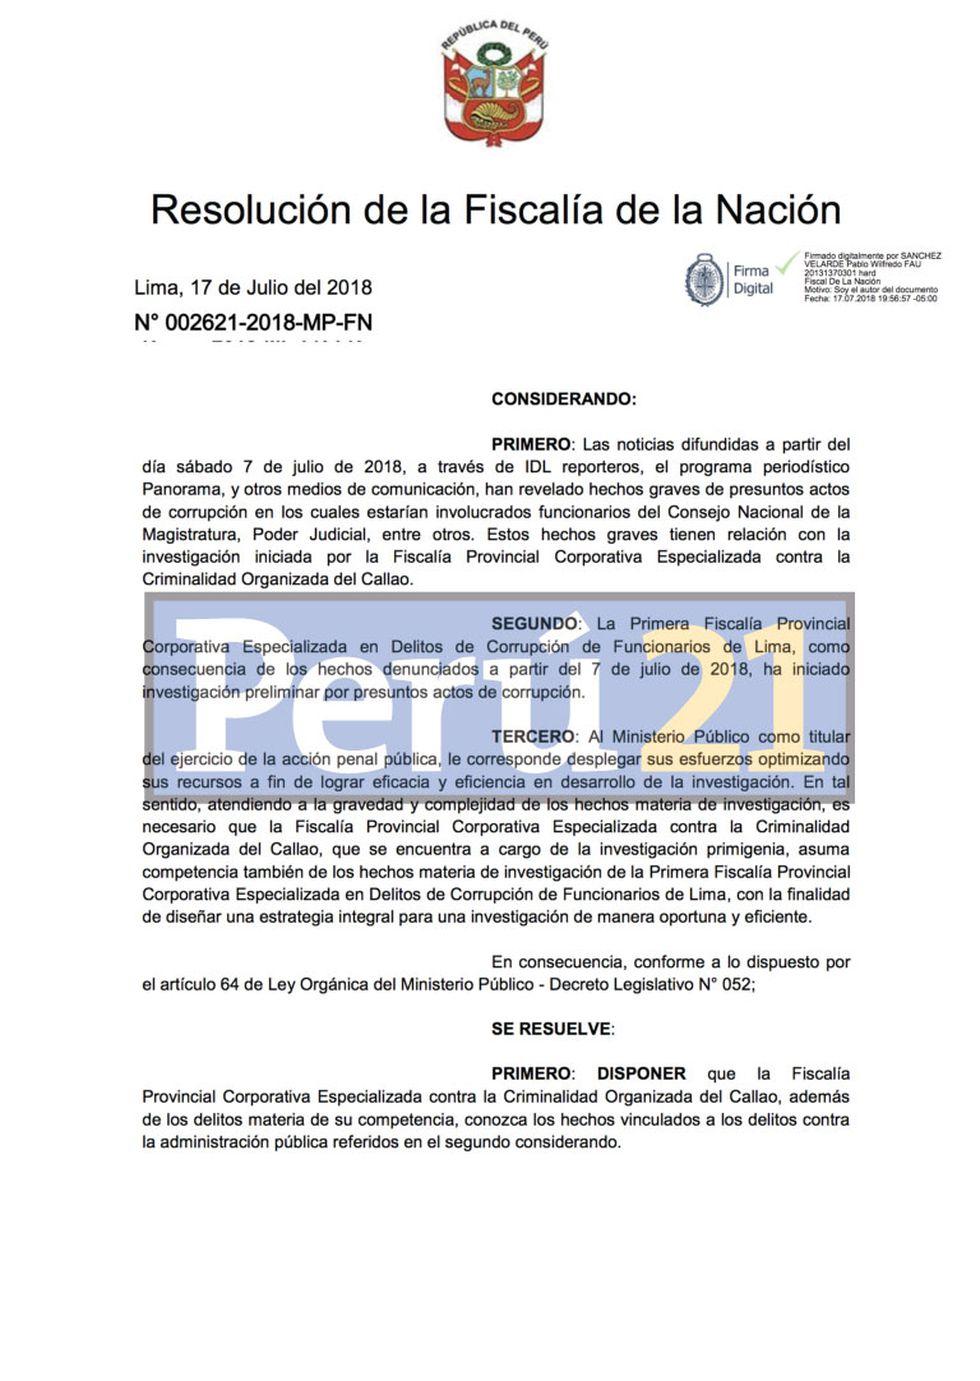 Resolución fiscal